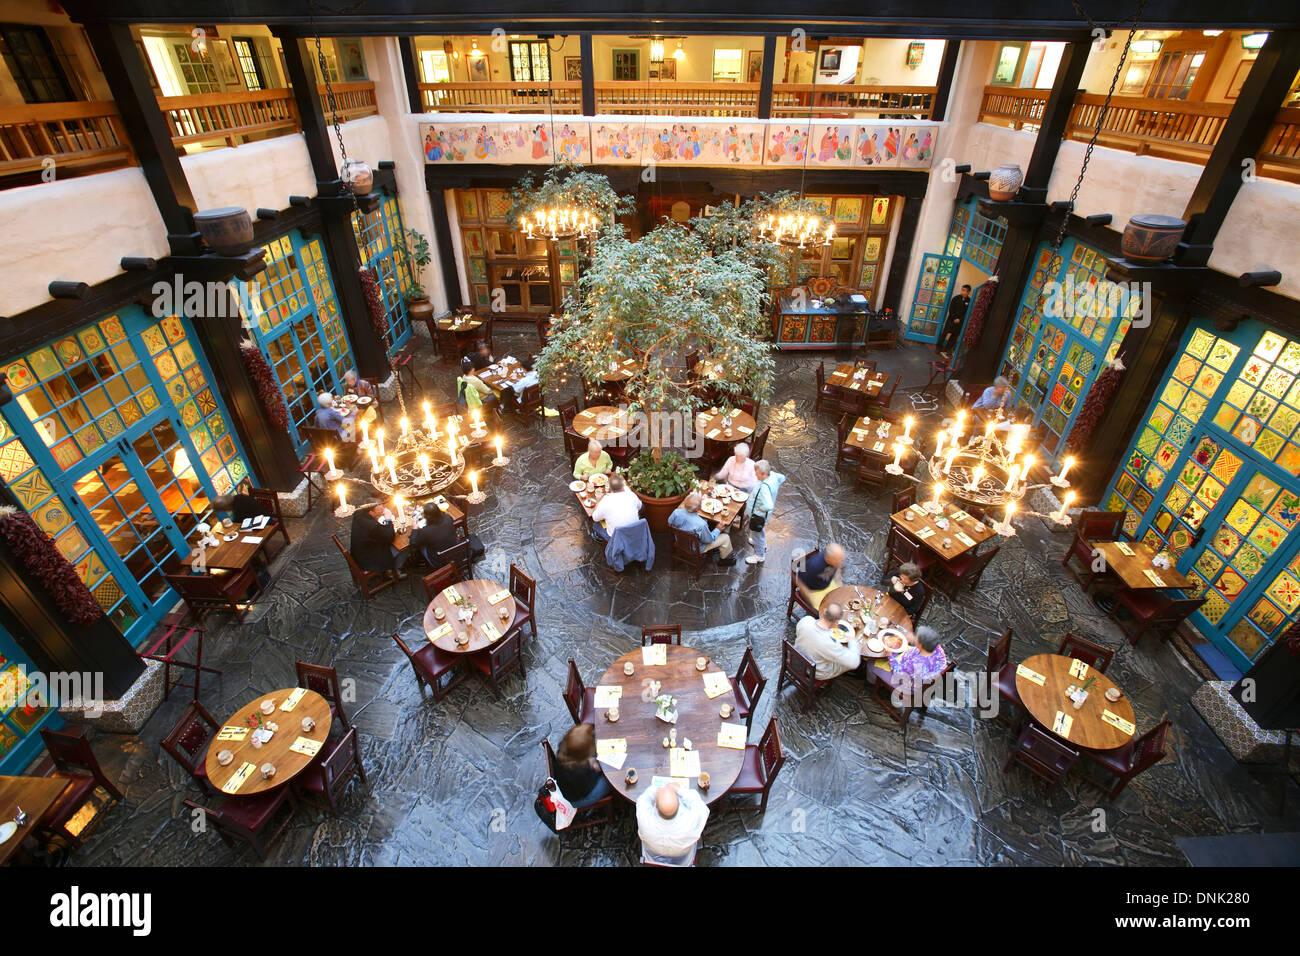 La fonda restaurant in santa fe